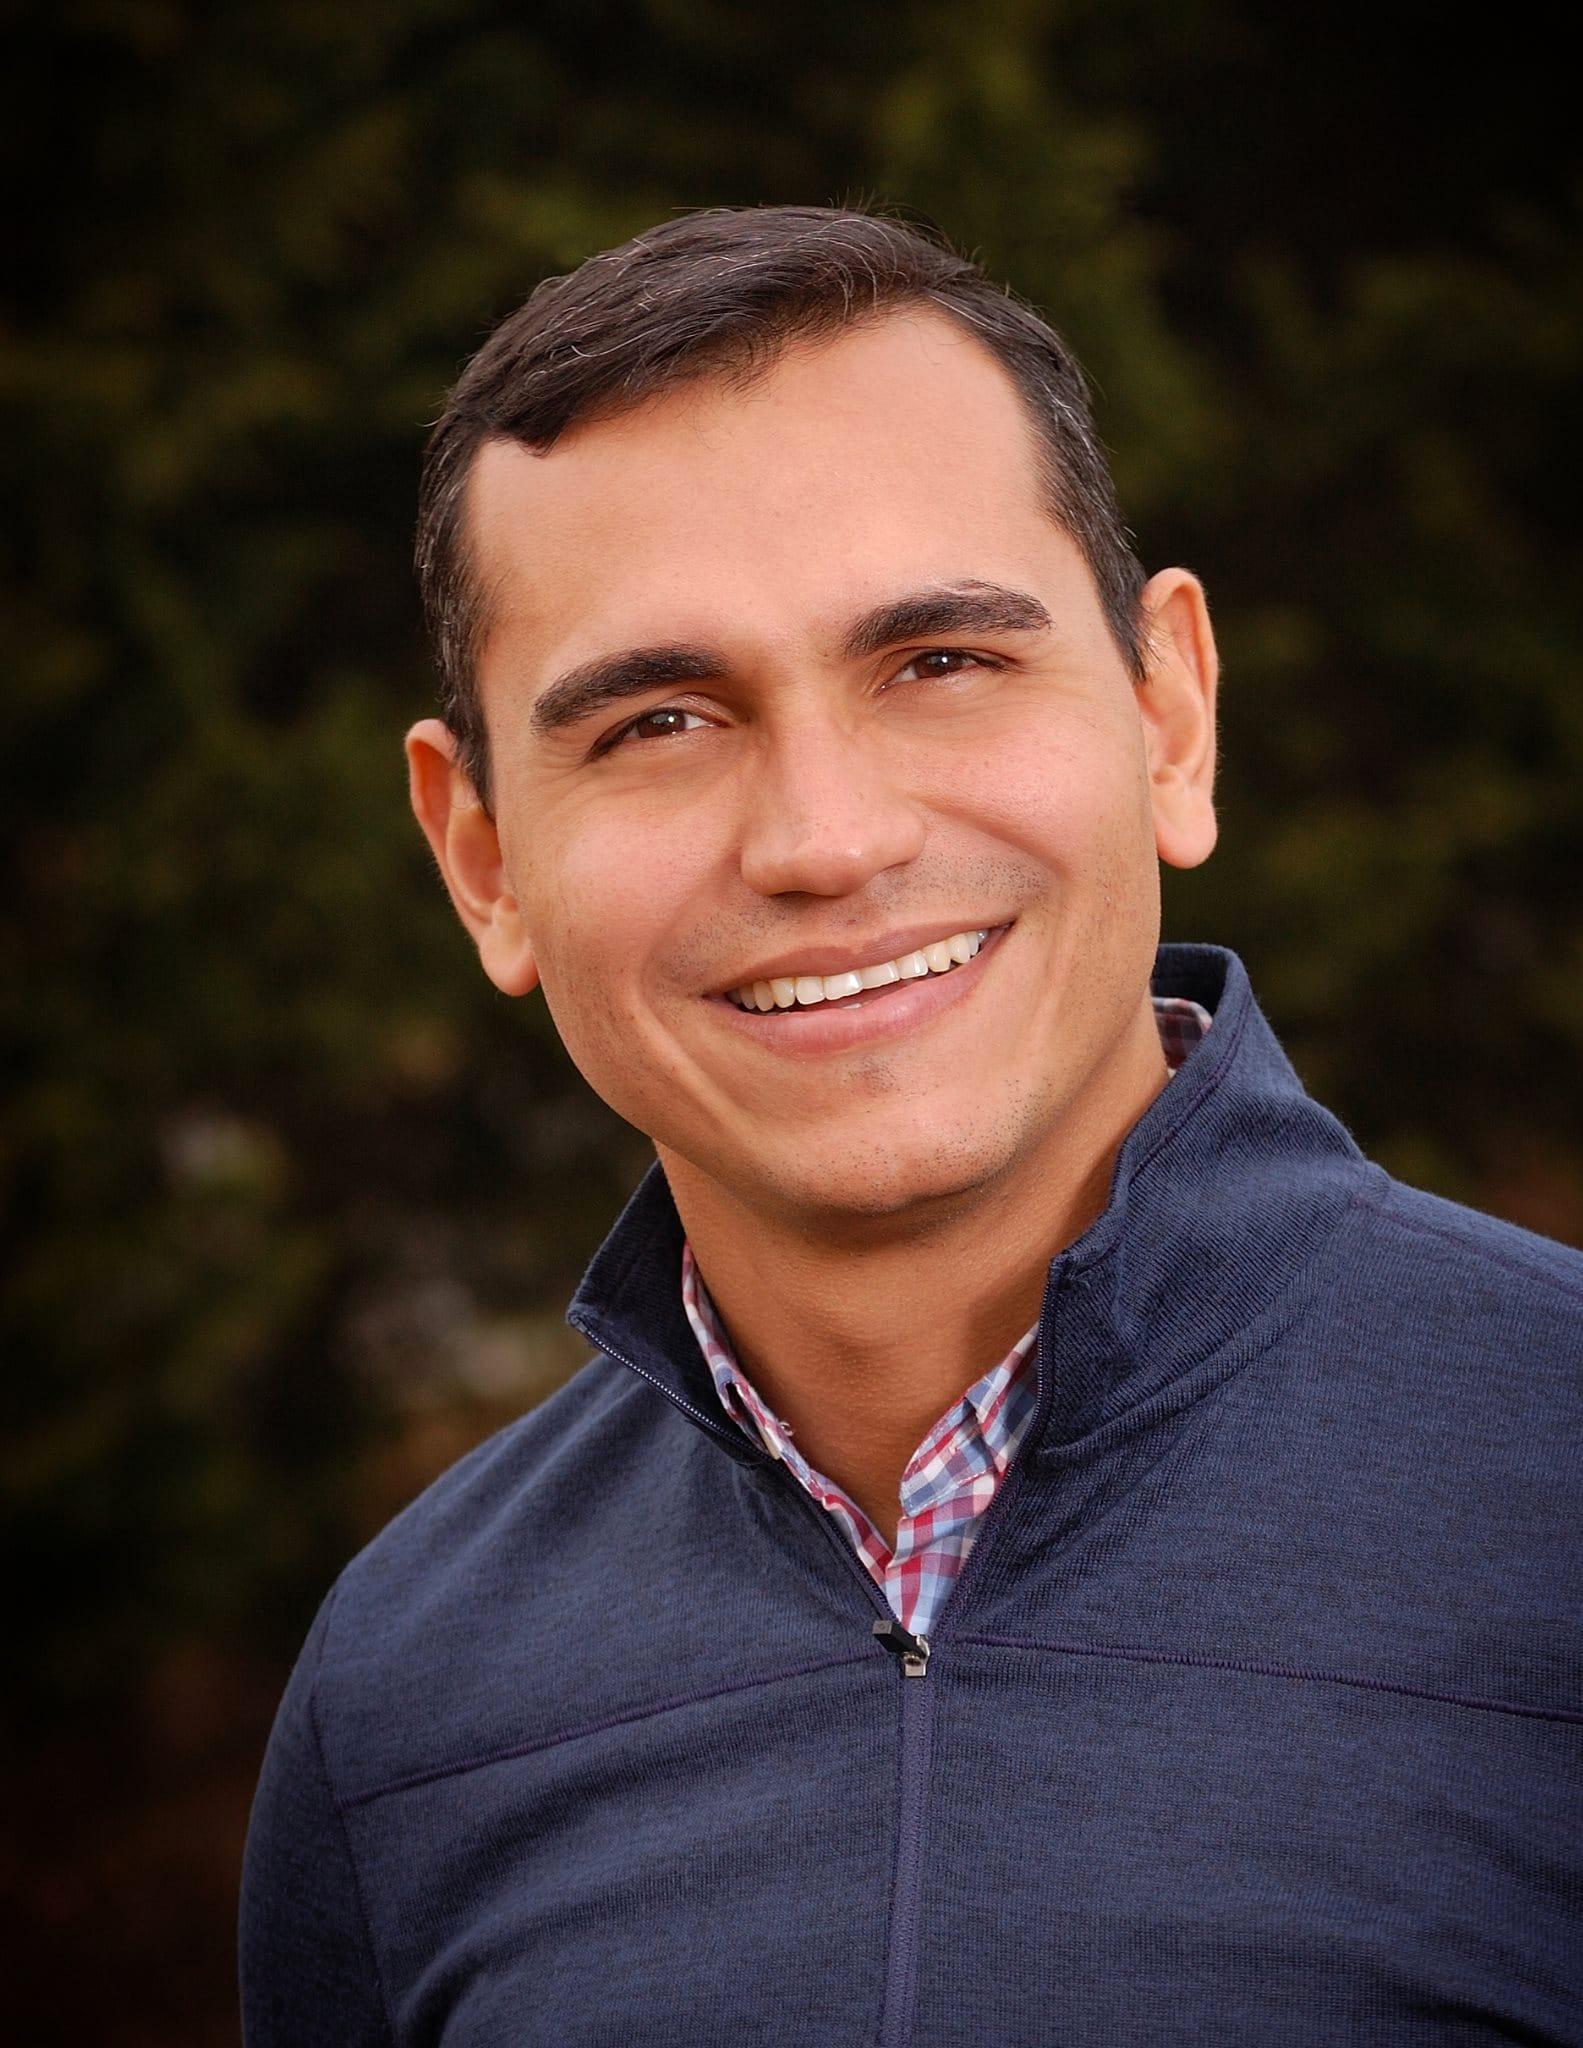 Cruz Mario Paniagua